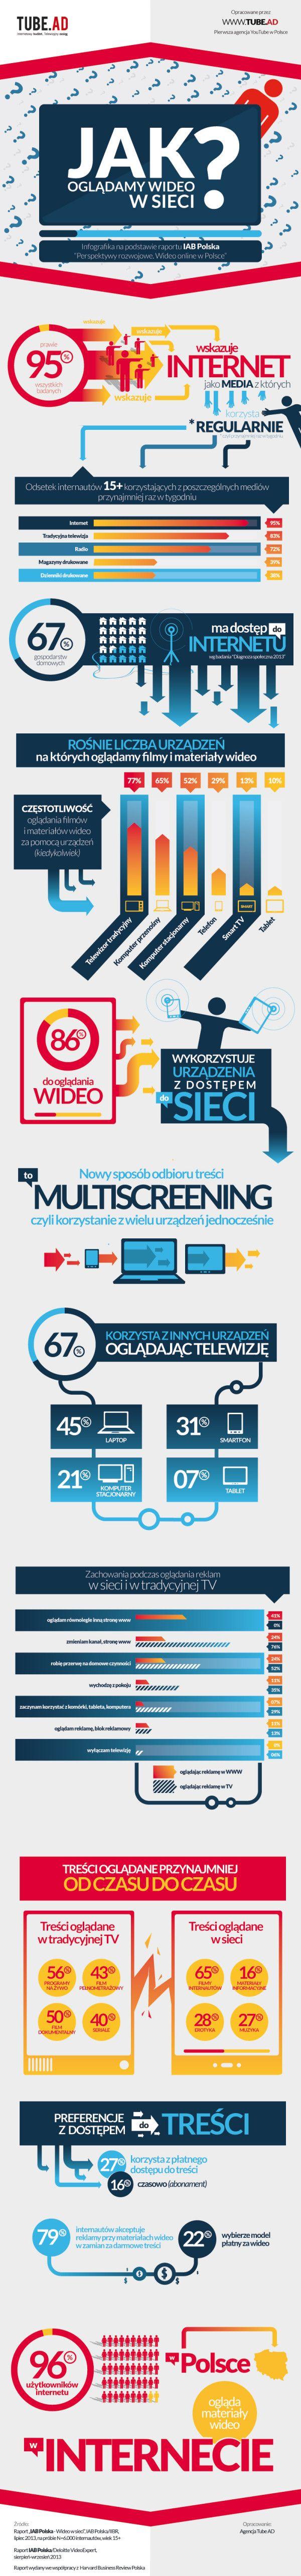 Jak oglądamy wideo w sieci? - #infografika Tube.AD - NowyMarketing